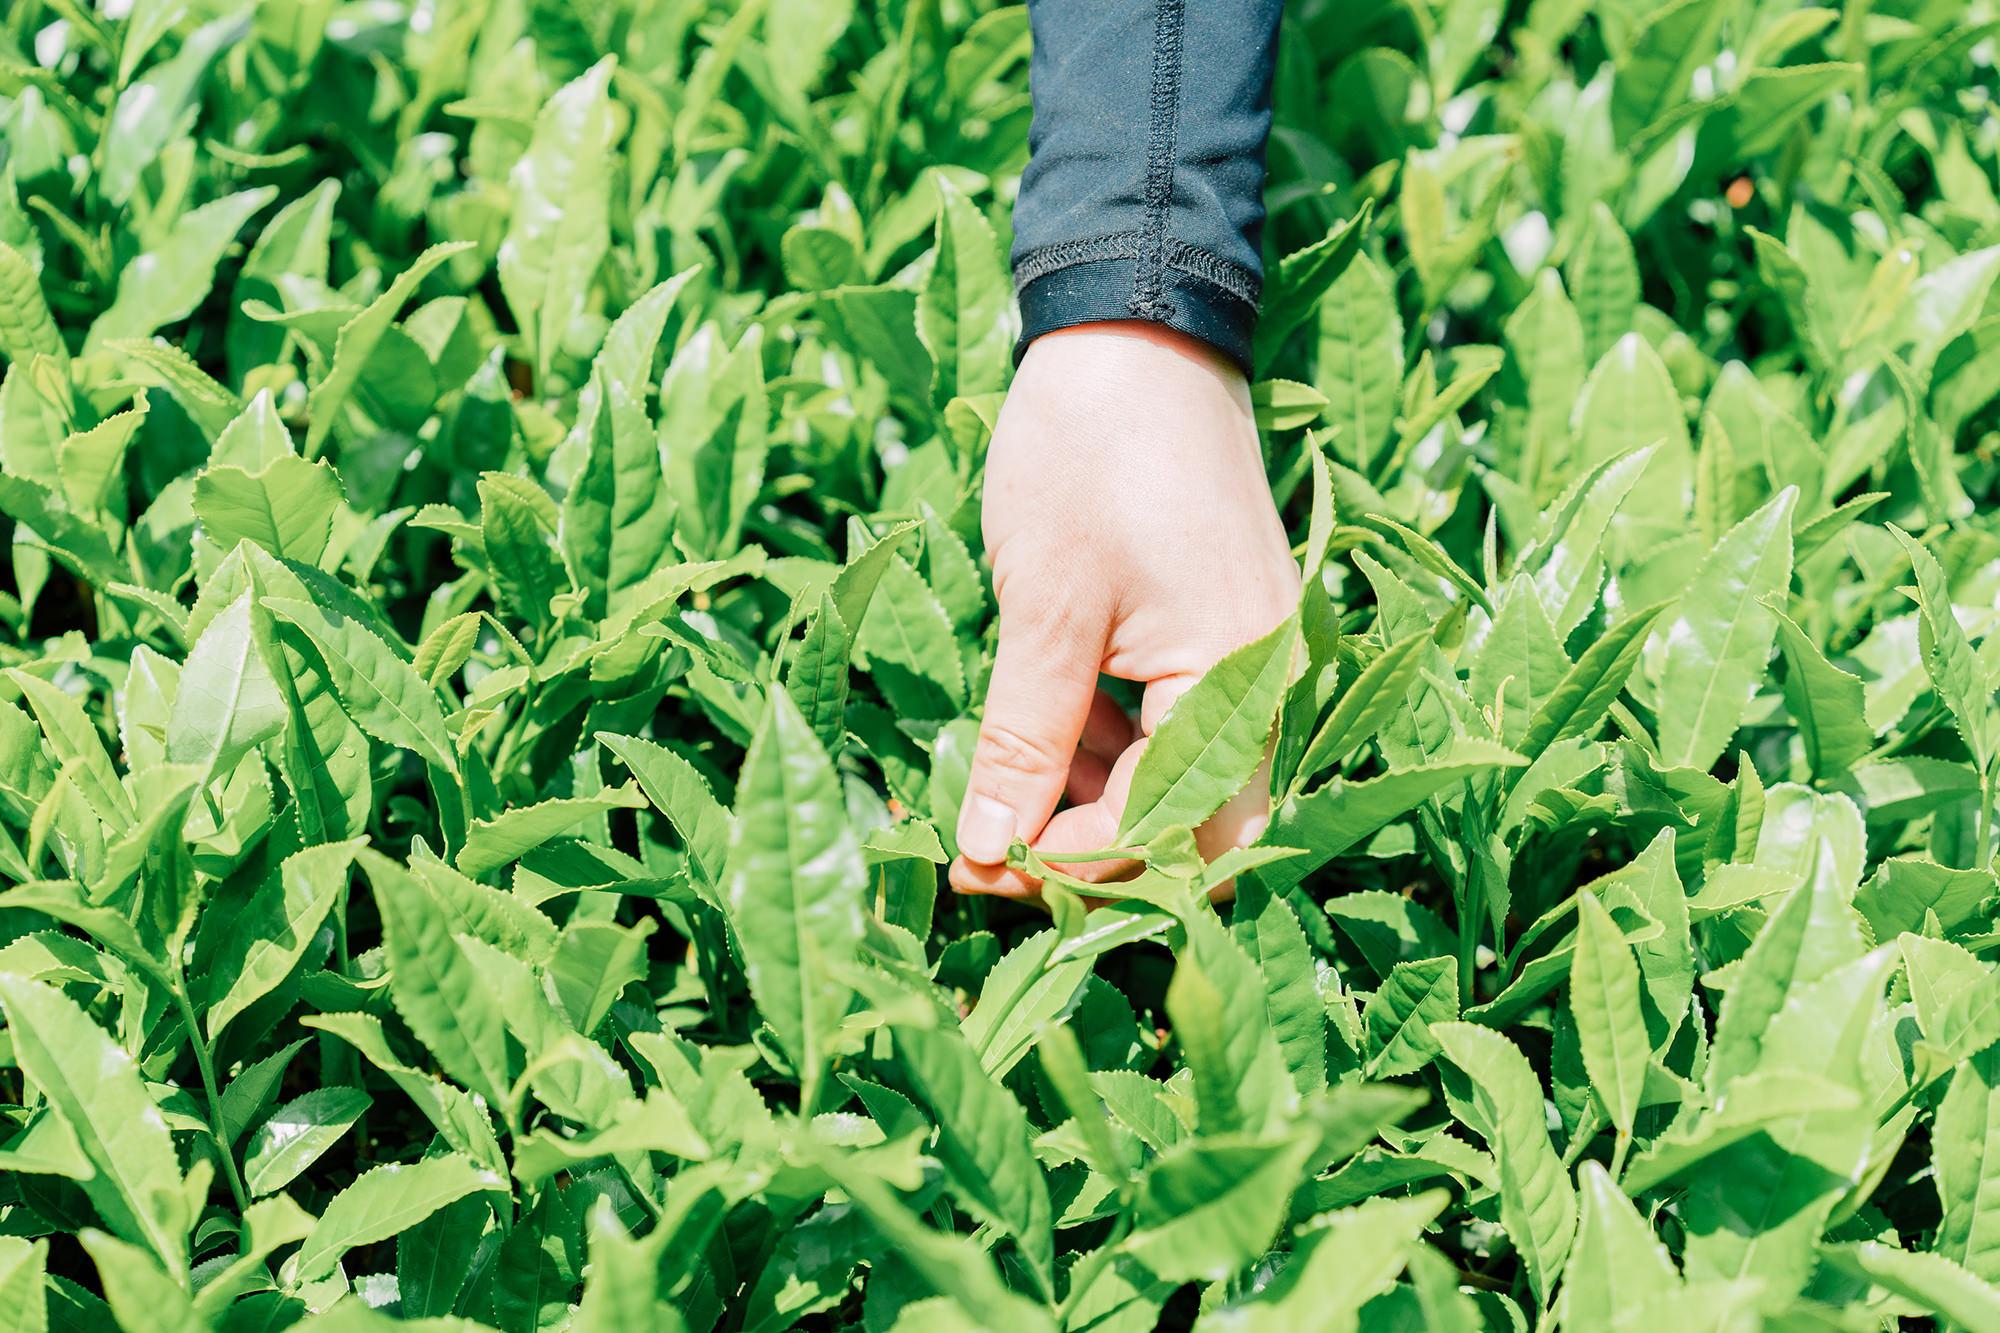 日照時間が短く、ゆっくり育った茶葉は甘い